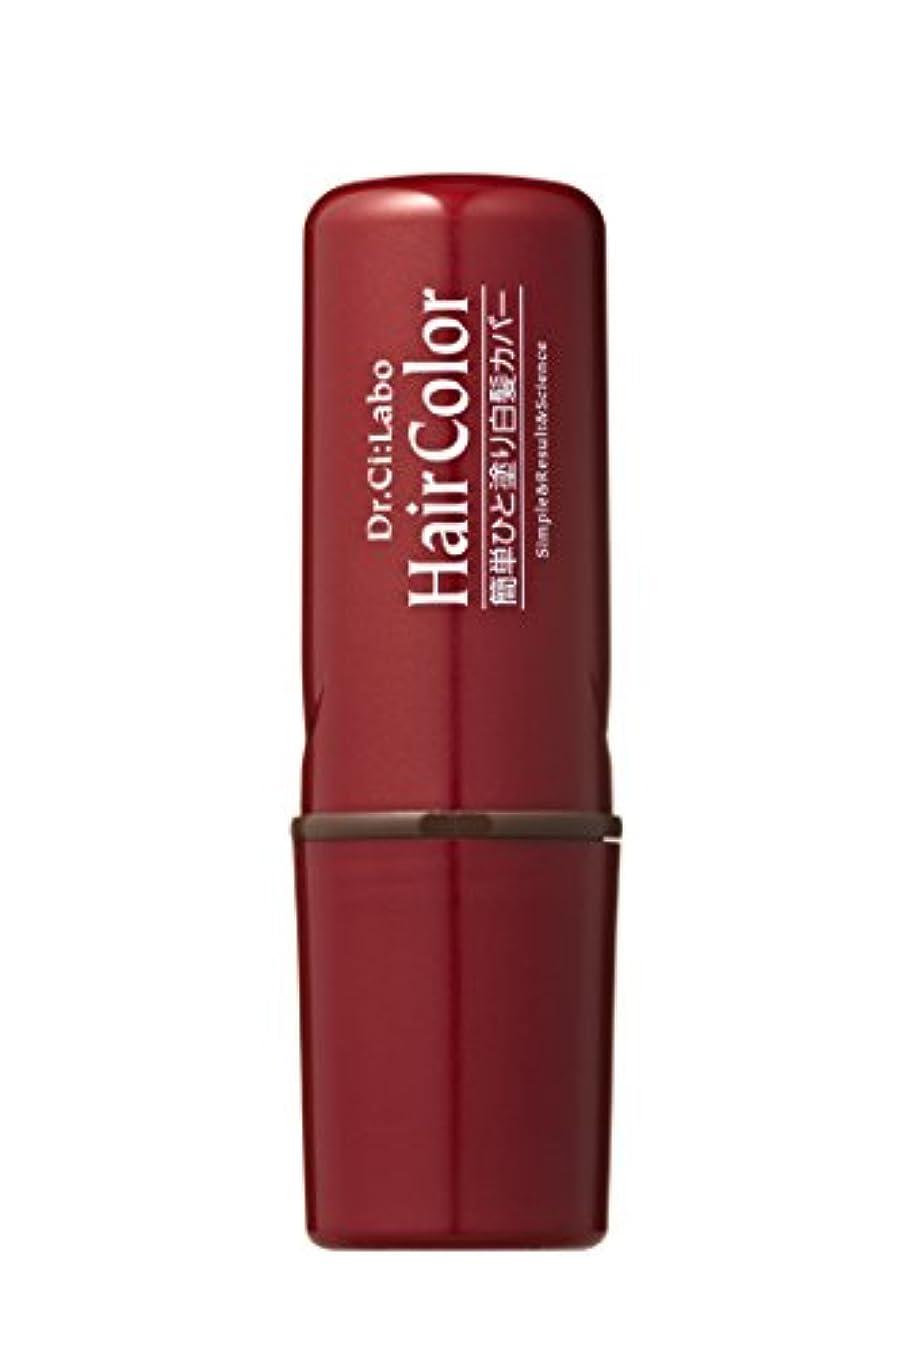 フォーマルケーブル国内のドクターシーラボ 簡単ひと塗り白髪カバー ダークブラウン 10ml ヘアカラー